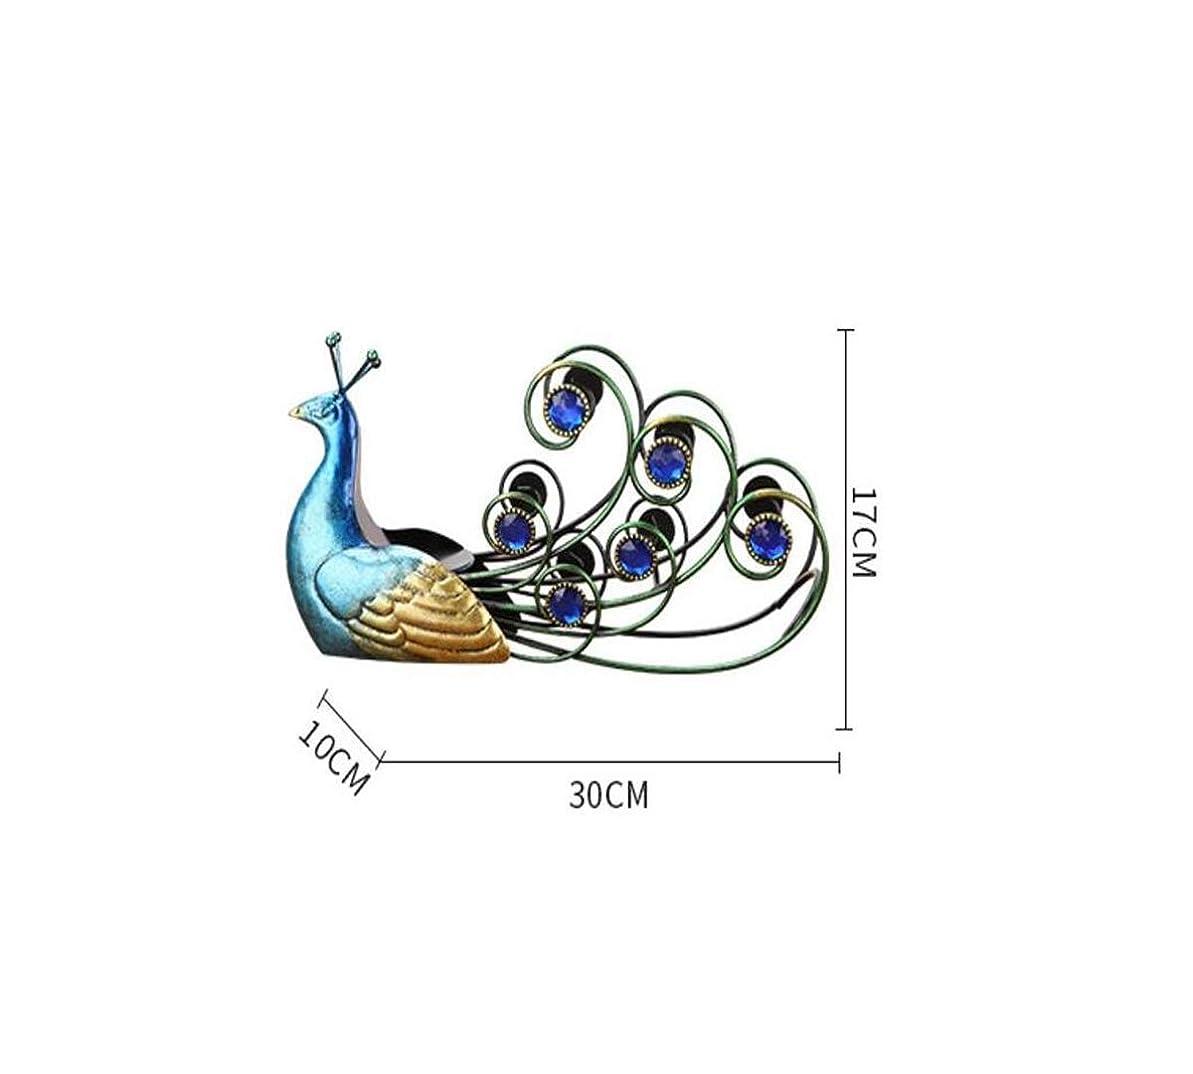 条約メトロポリタン音節ZY-YY シミュレーションワインラック動物の装飾、ワインボトルワインラック30 * 17 * 10センチメートル